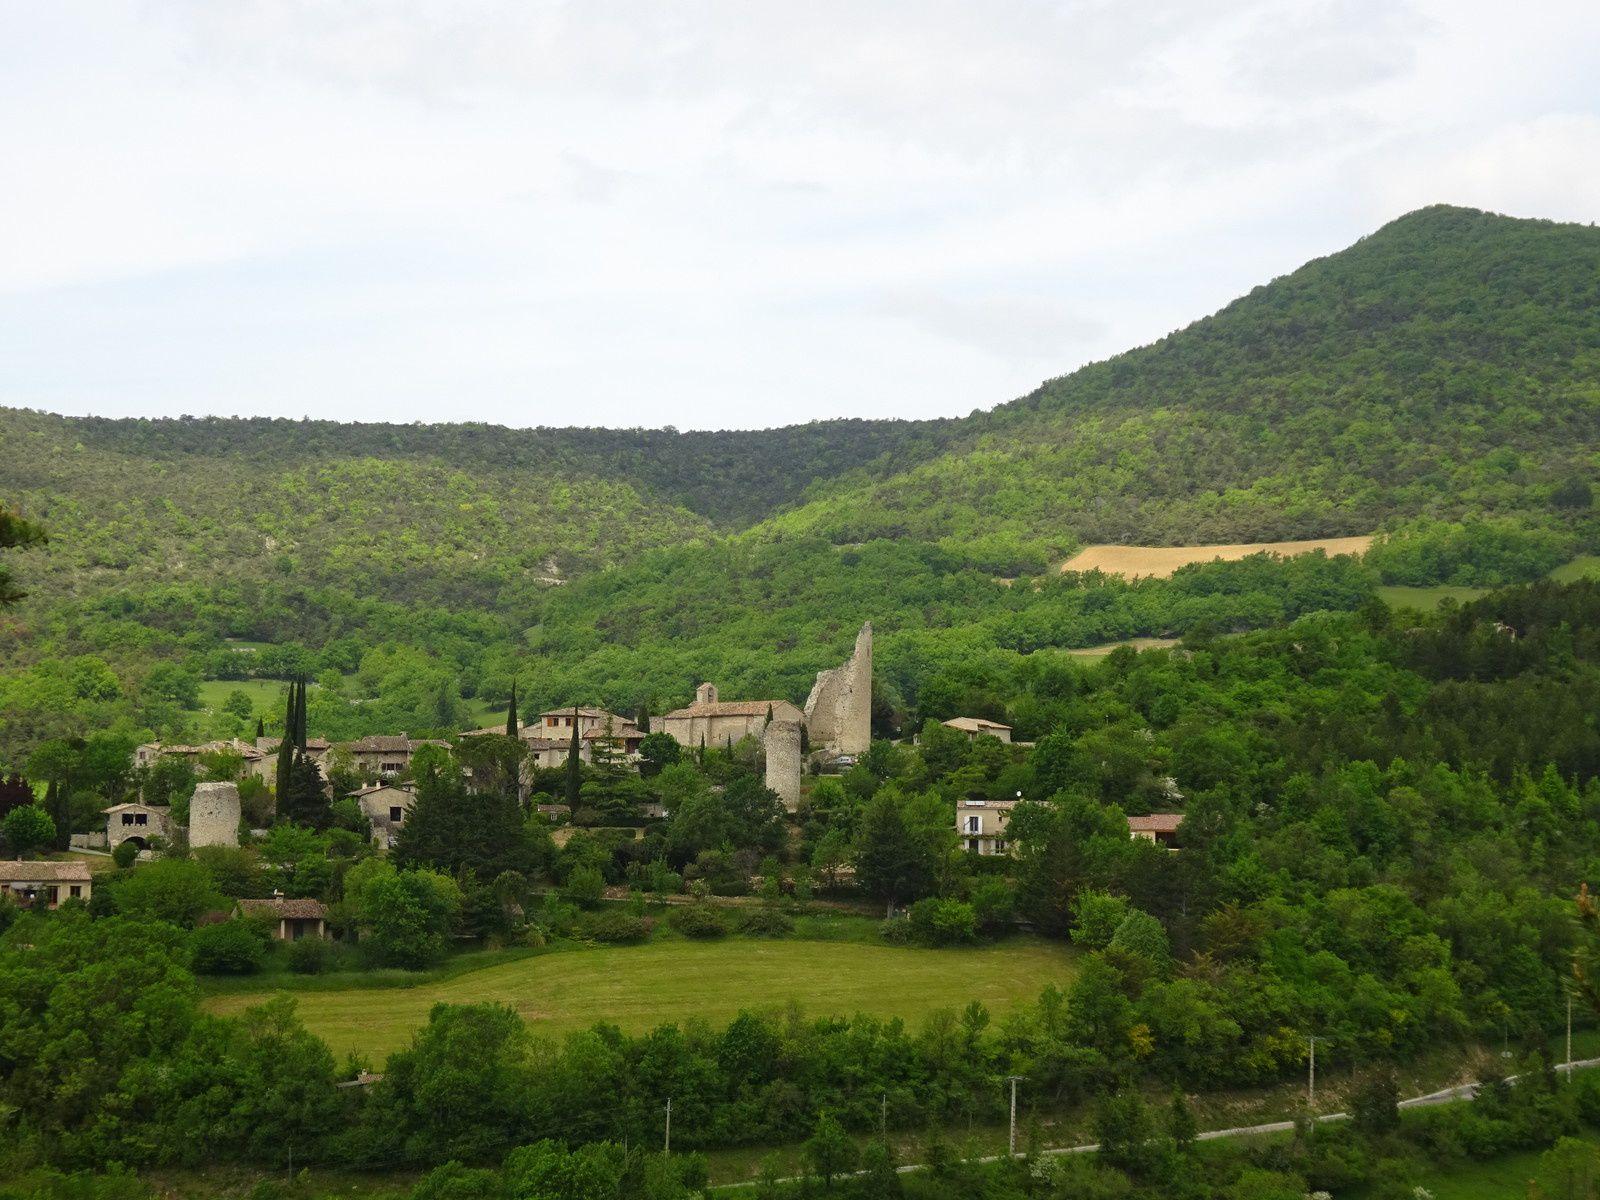 Le magnifique petit village de Cobonne.